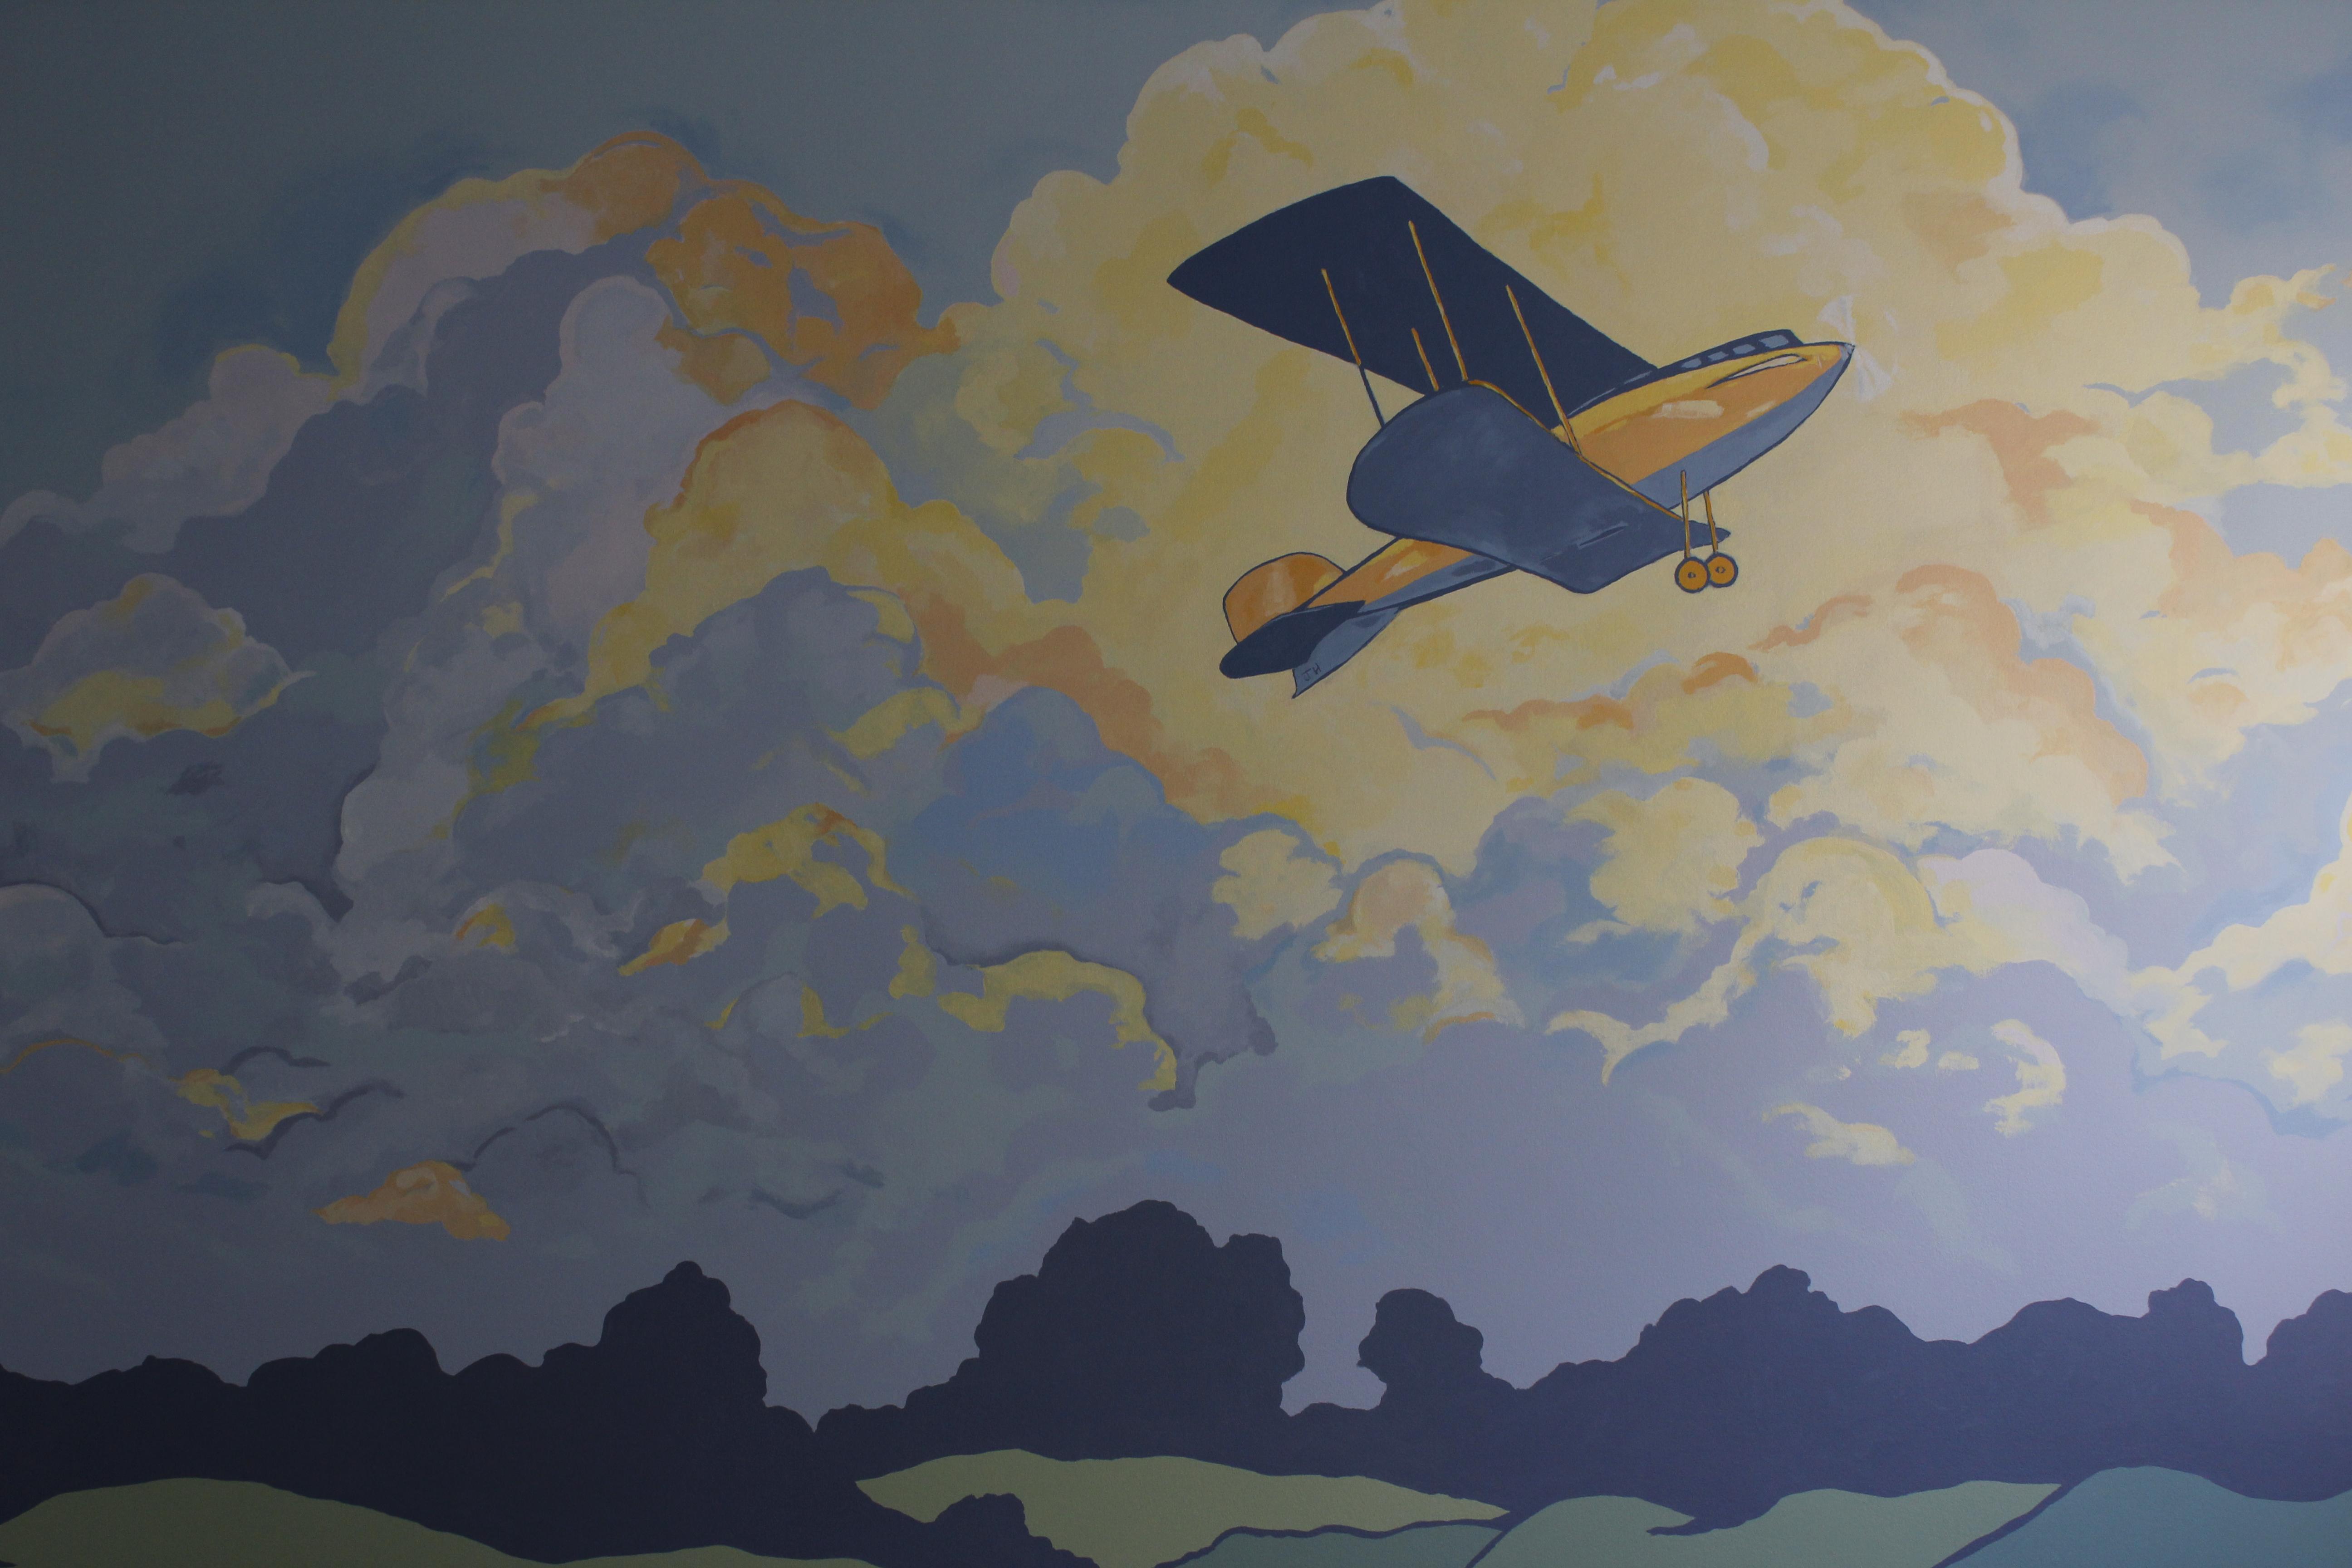 Airplane Mural in Nursery